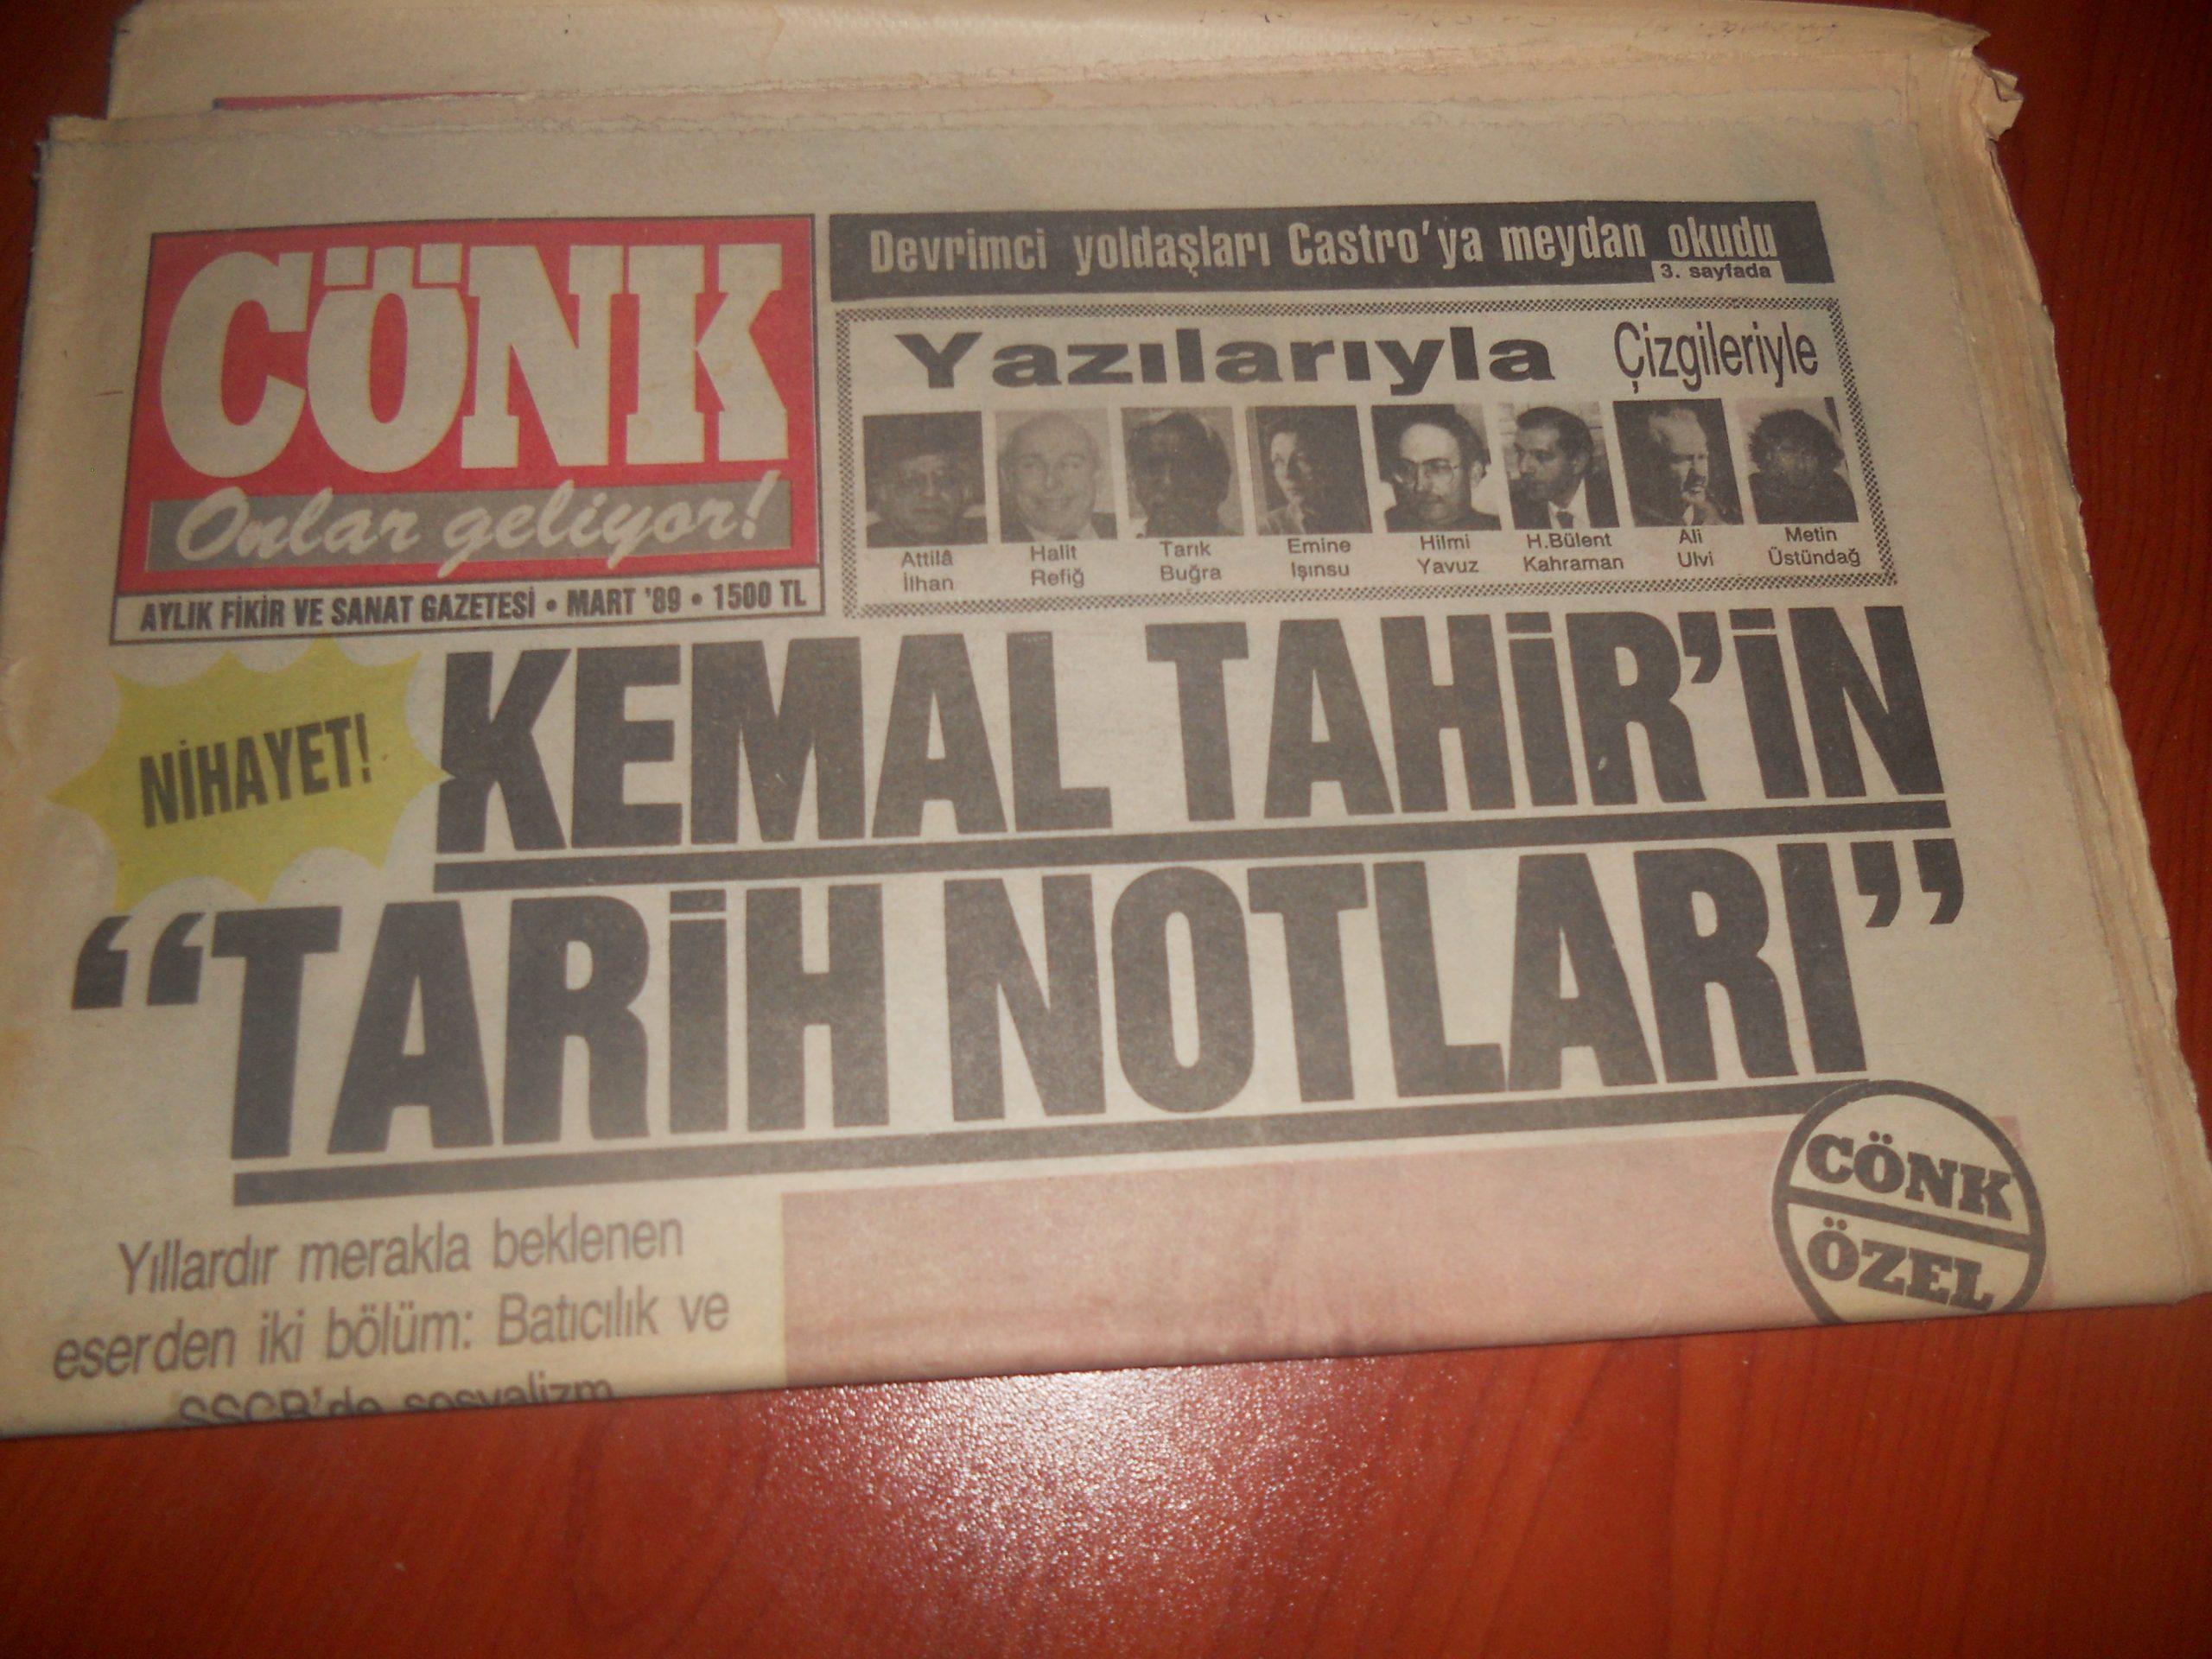 CÖNK DERGİSİ/1988/ 5 adet/30 tl